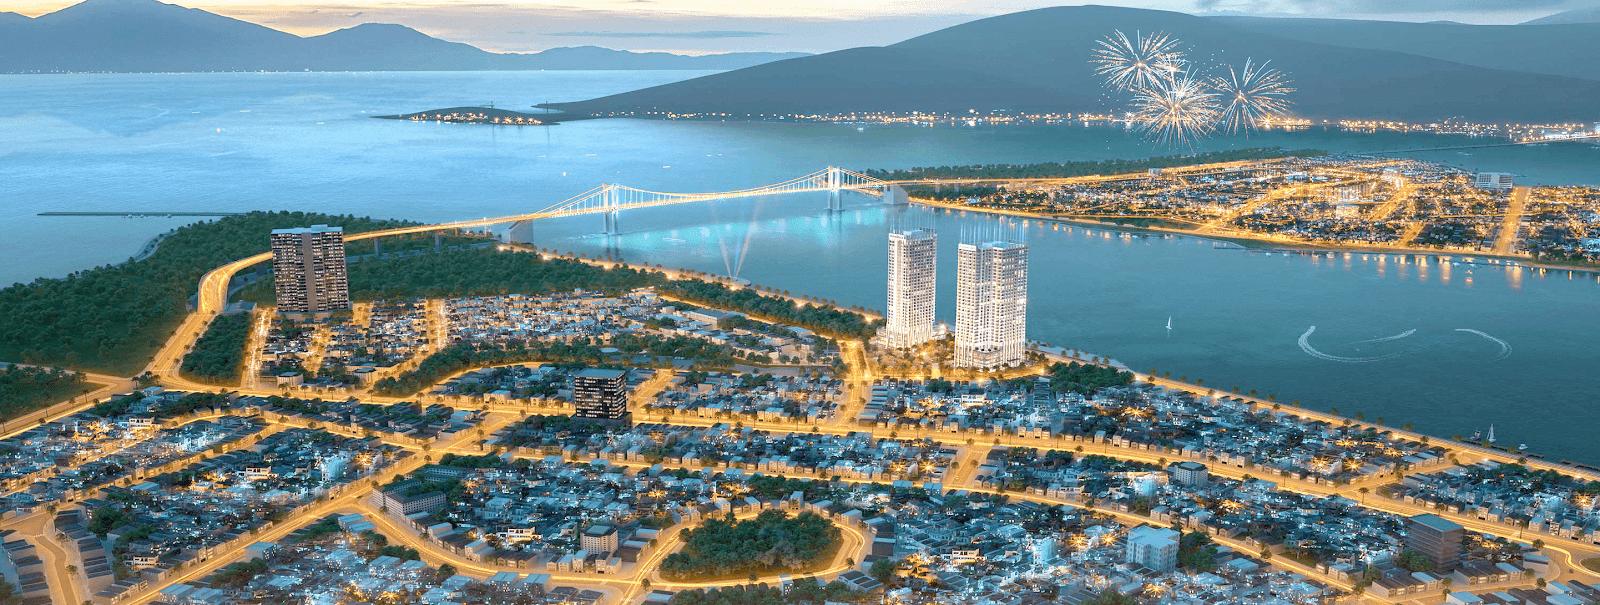 Chung cư Movenpick Han River Đà Nẵng